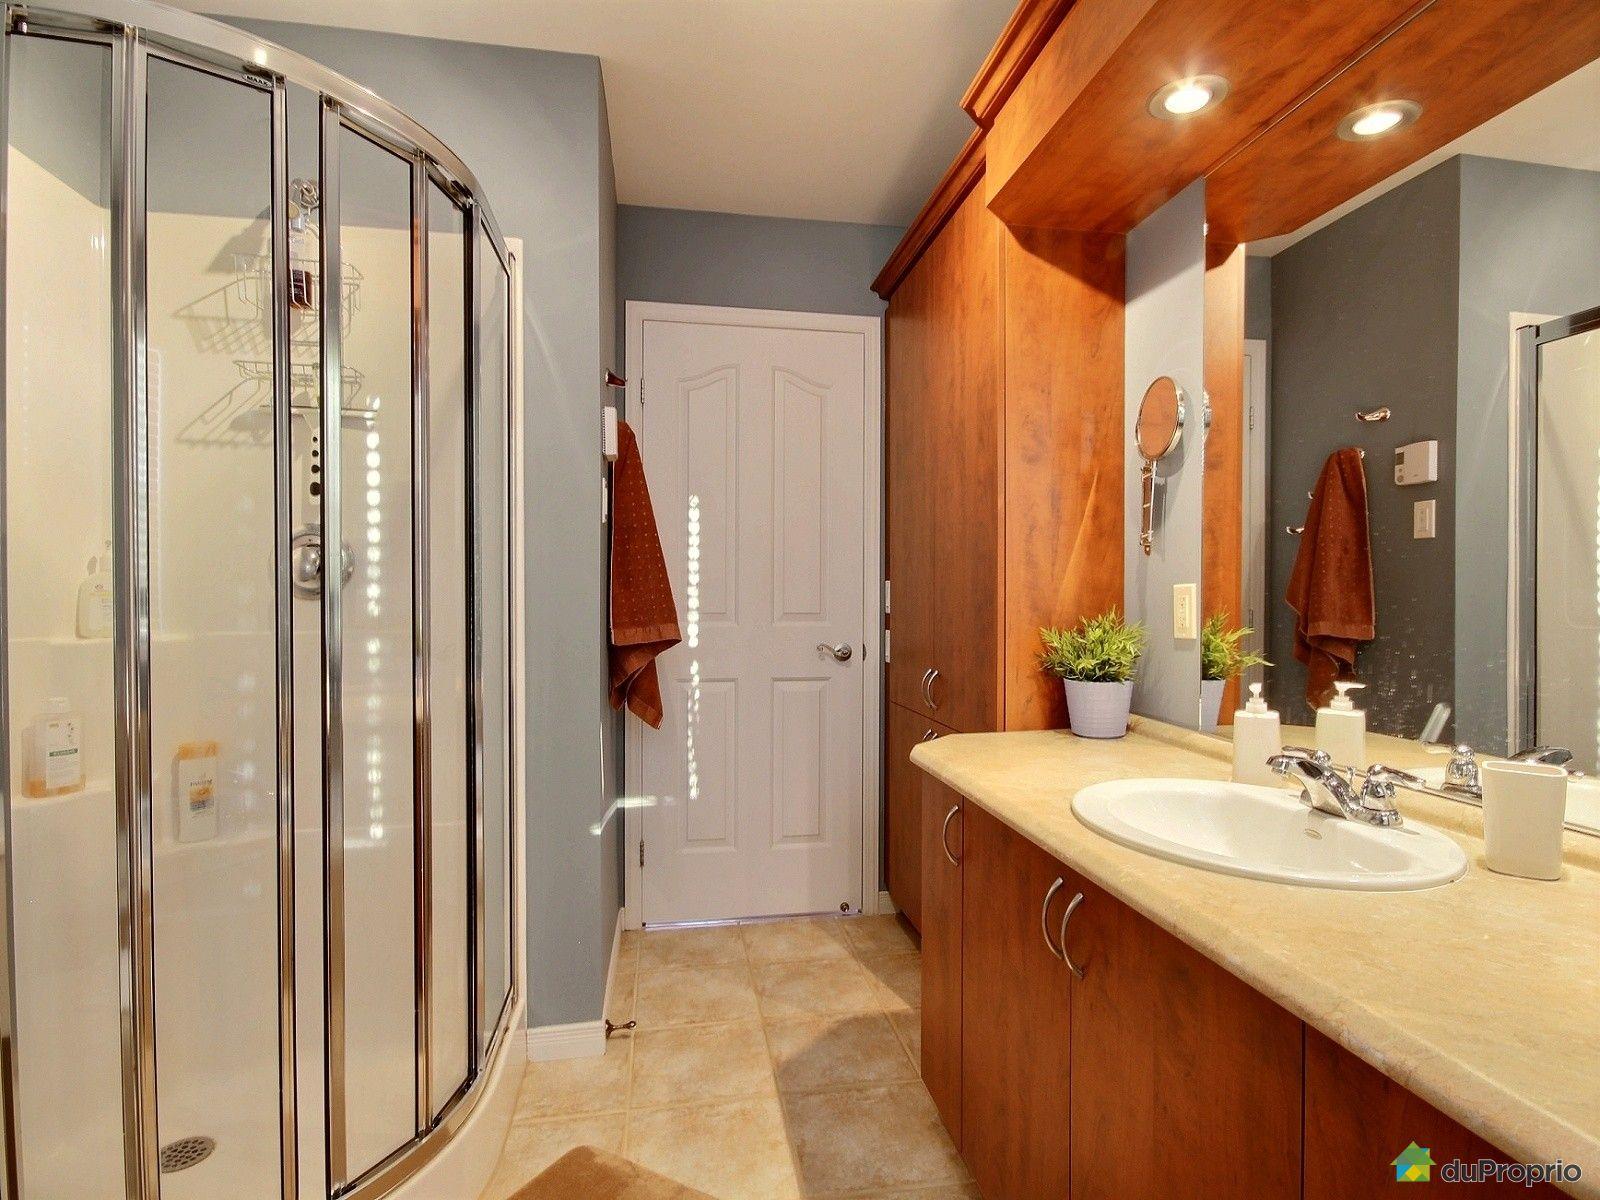 maison vendre ile d 39 orl ans st laurent 90 c te gosselin immobilier qu bec duproprio 669359. Black Bedroom Furniture Sets. Home Design Ideas